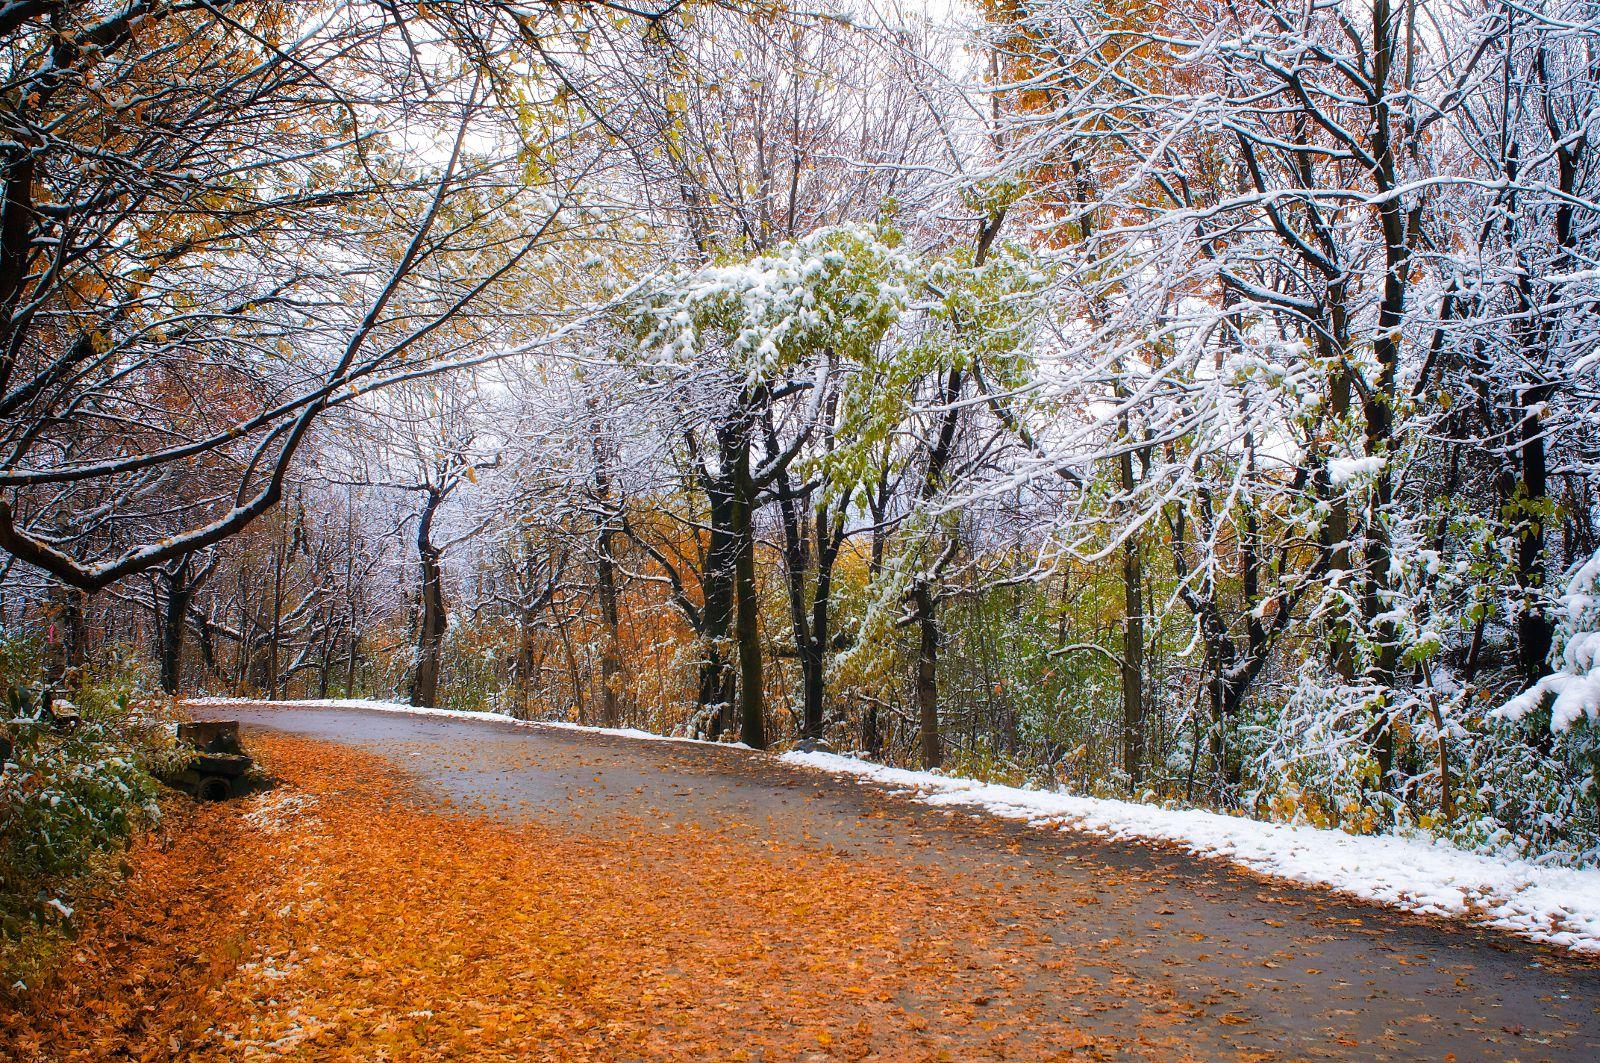 вам осенний пейзаж со снегом фото затовариваемся всем необходимым